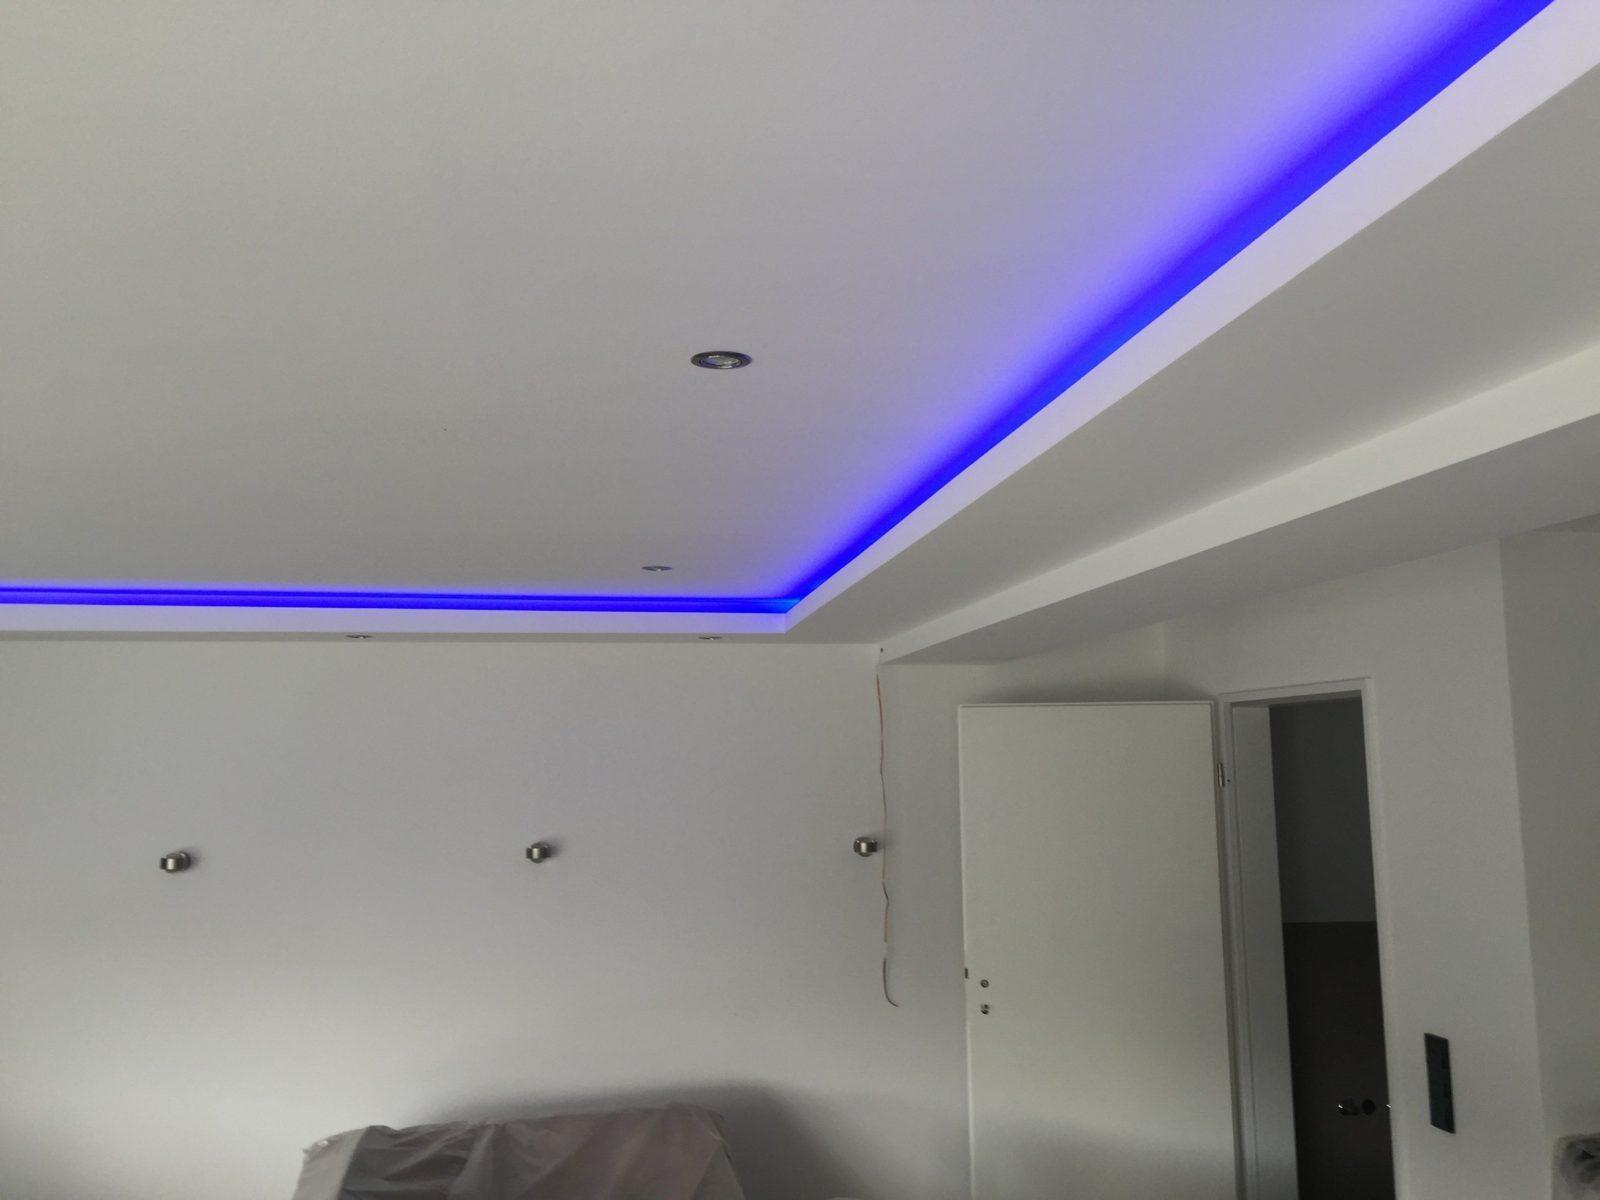 Ehrfürchtig Abgehängte Decke Beleuchtung Selber Bauen  Home Image Ideen von Abgehängte Decke Selber Bauen Bild